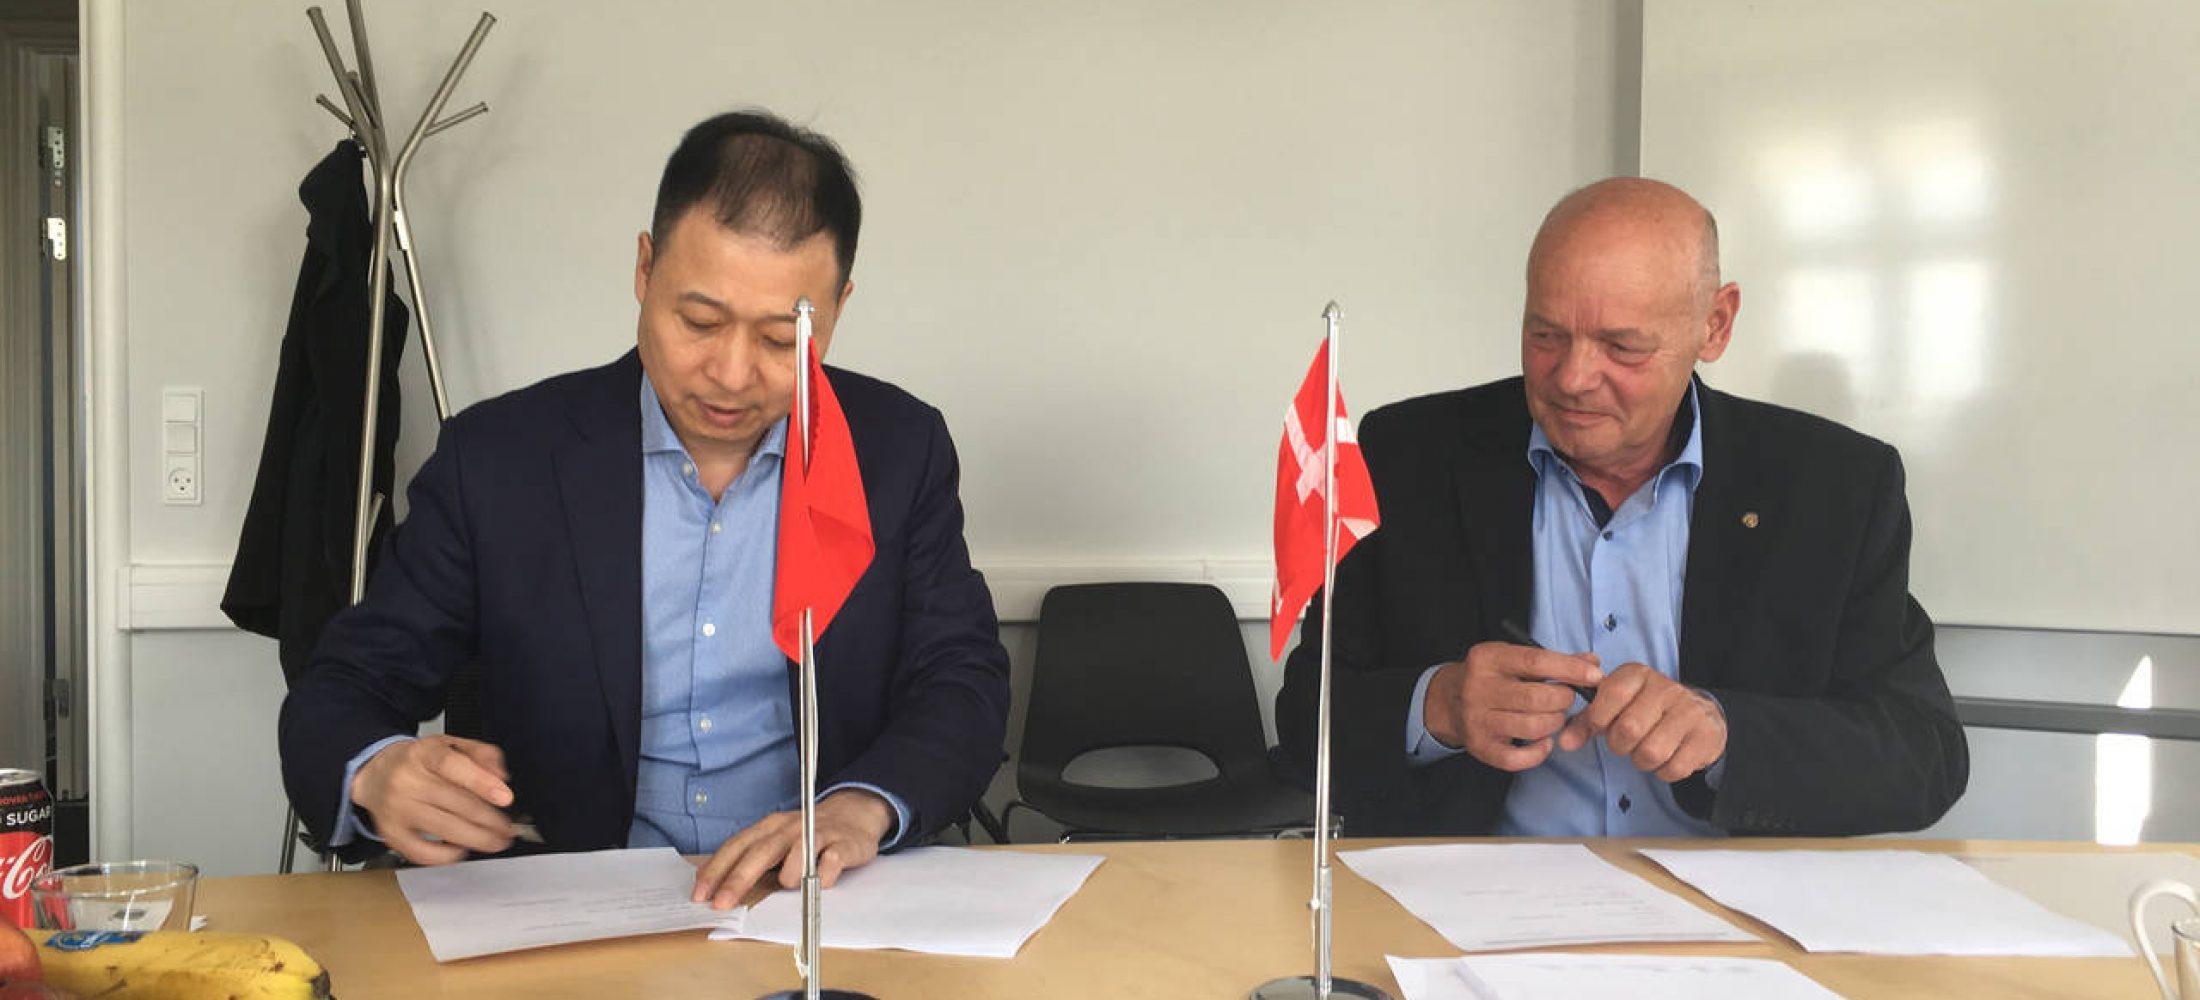 Det kinesisk ejede selskab Greatop er blevet partner i biogasselskabet Combigas på Ryttervangen.